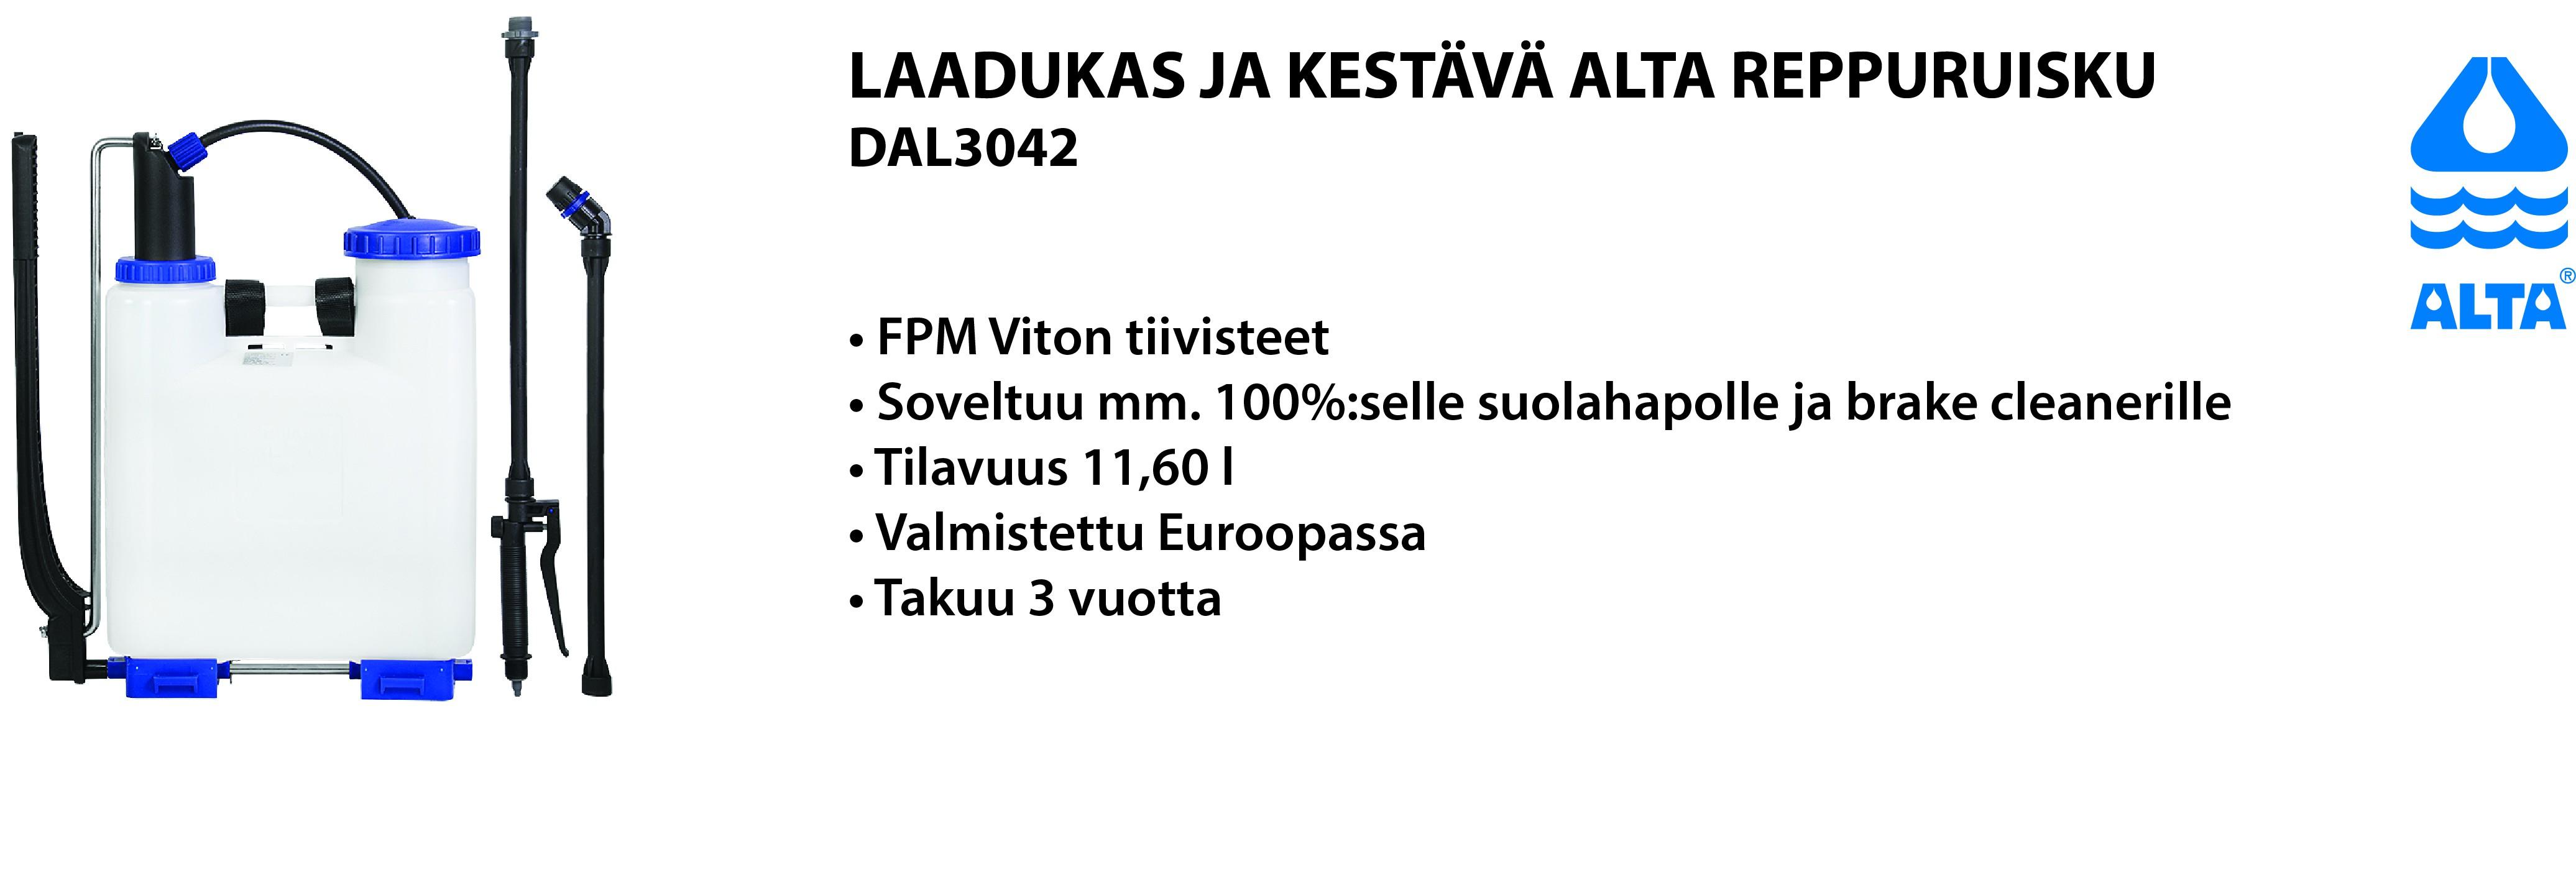 DAl3042